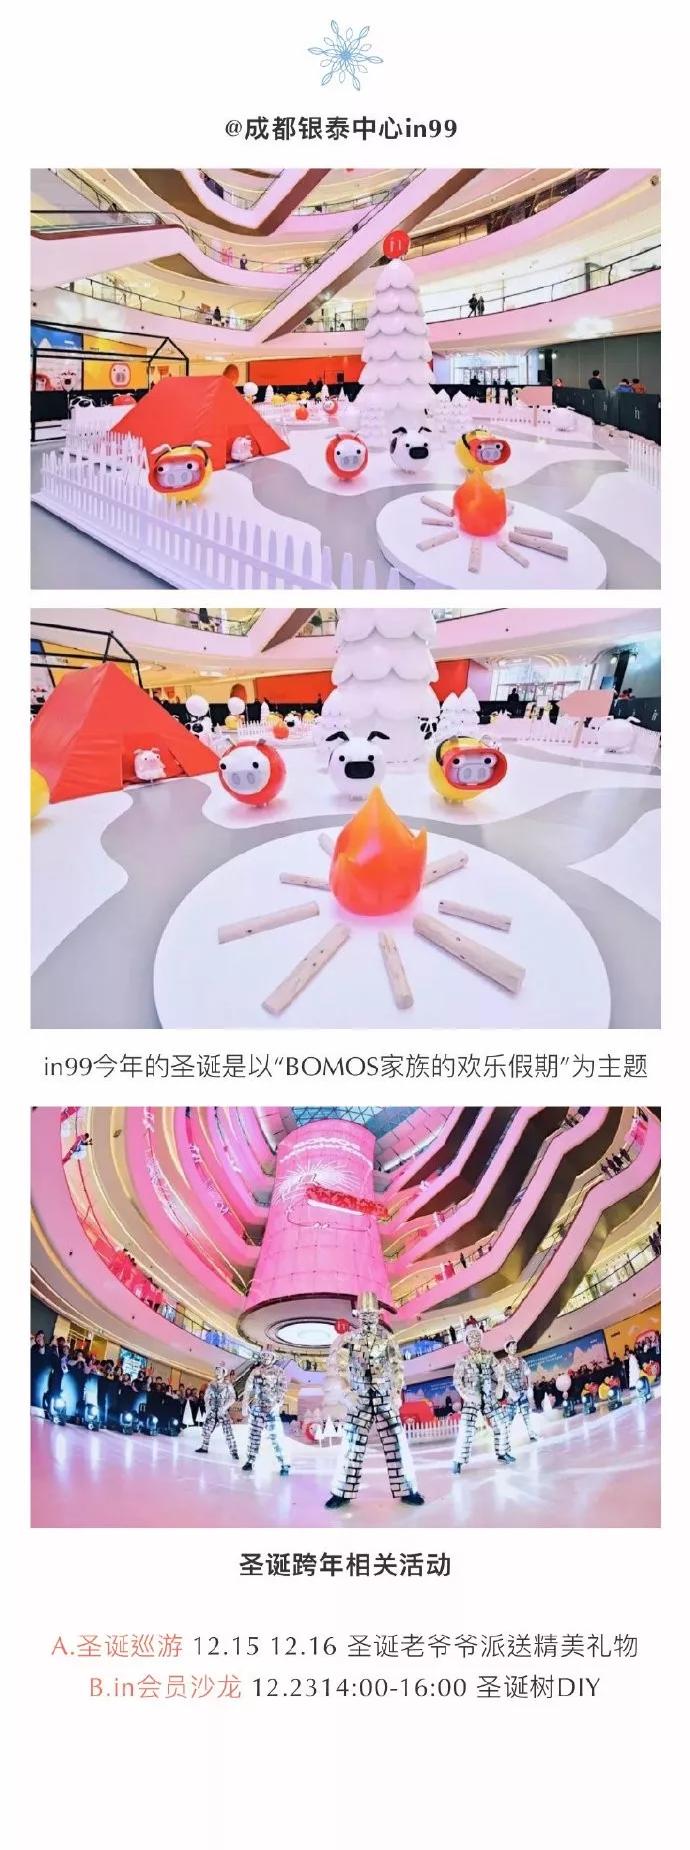 2018年成都银泰城购物中心圣诞装置